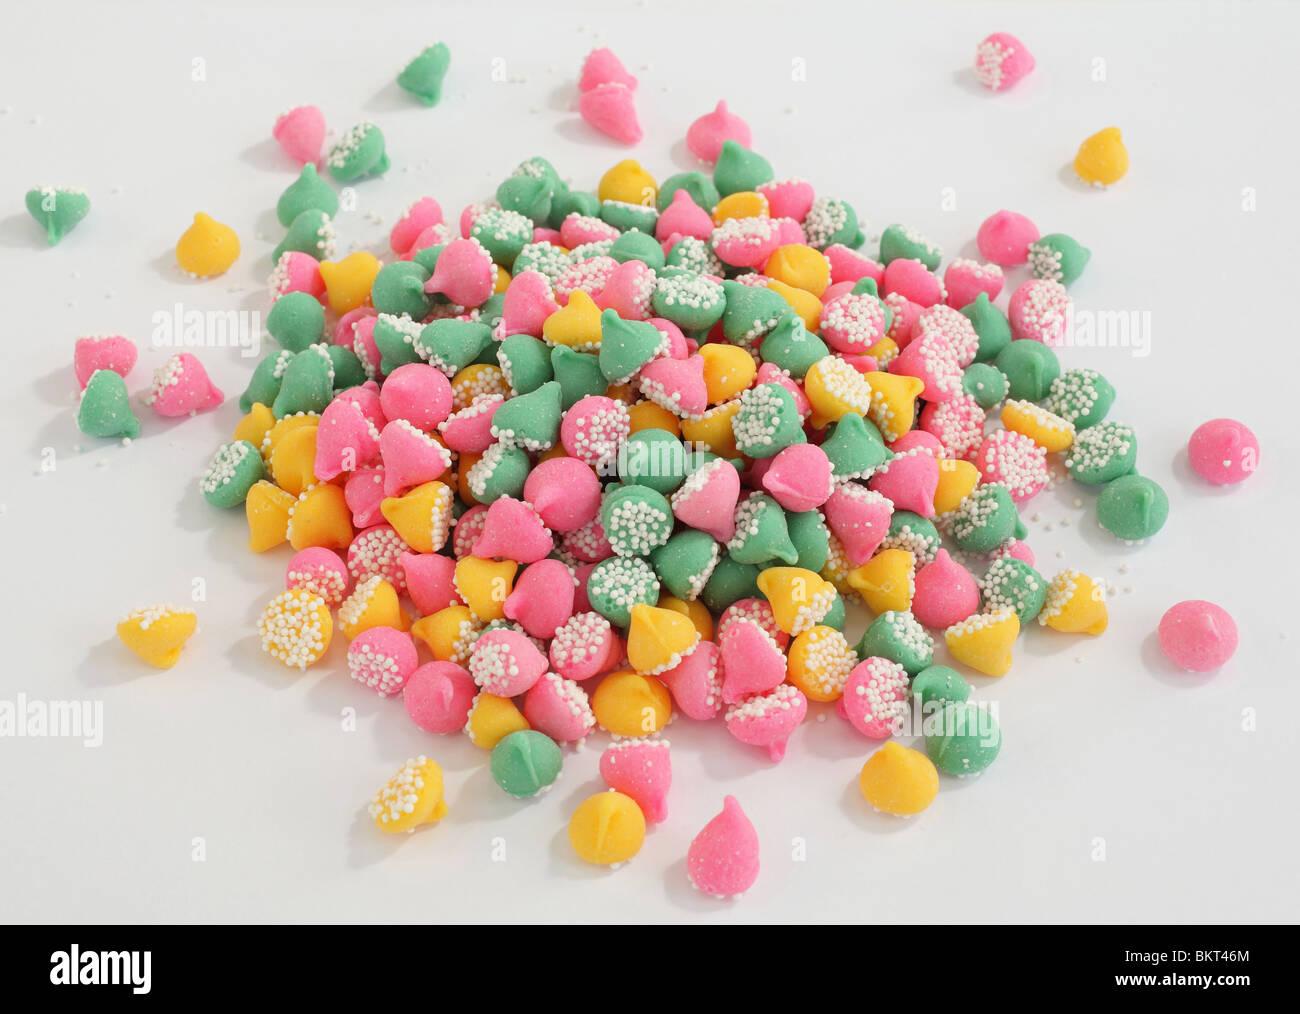 große Haufen von Pastell Minze Creme fällt auf weißem Hintergrund Stockbild